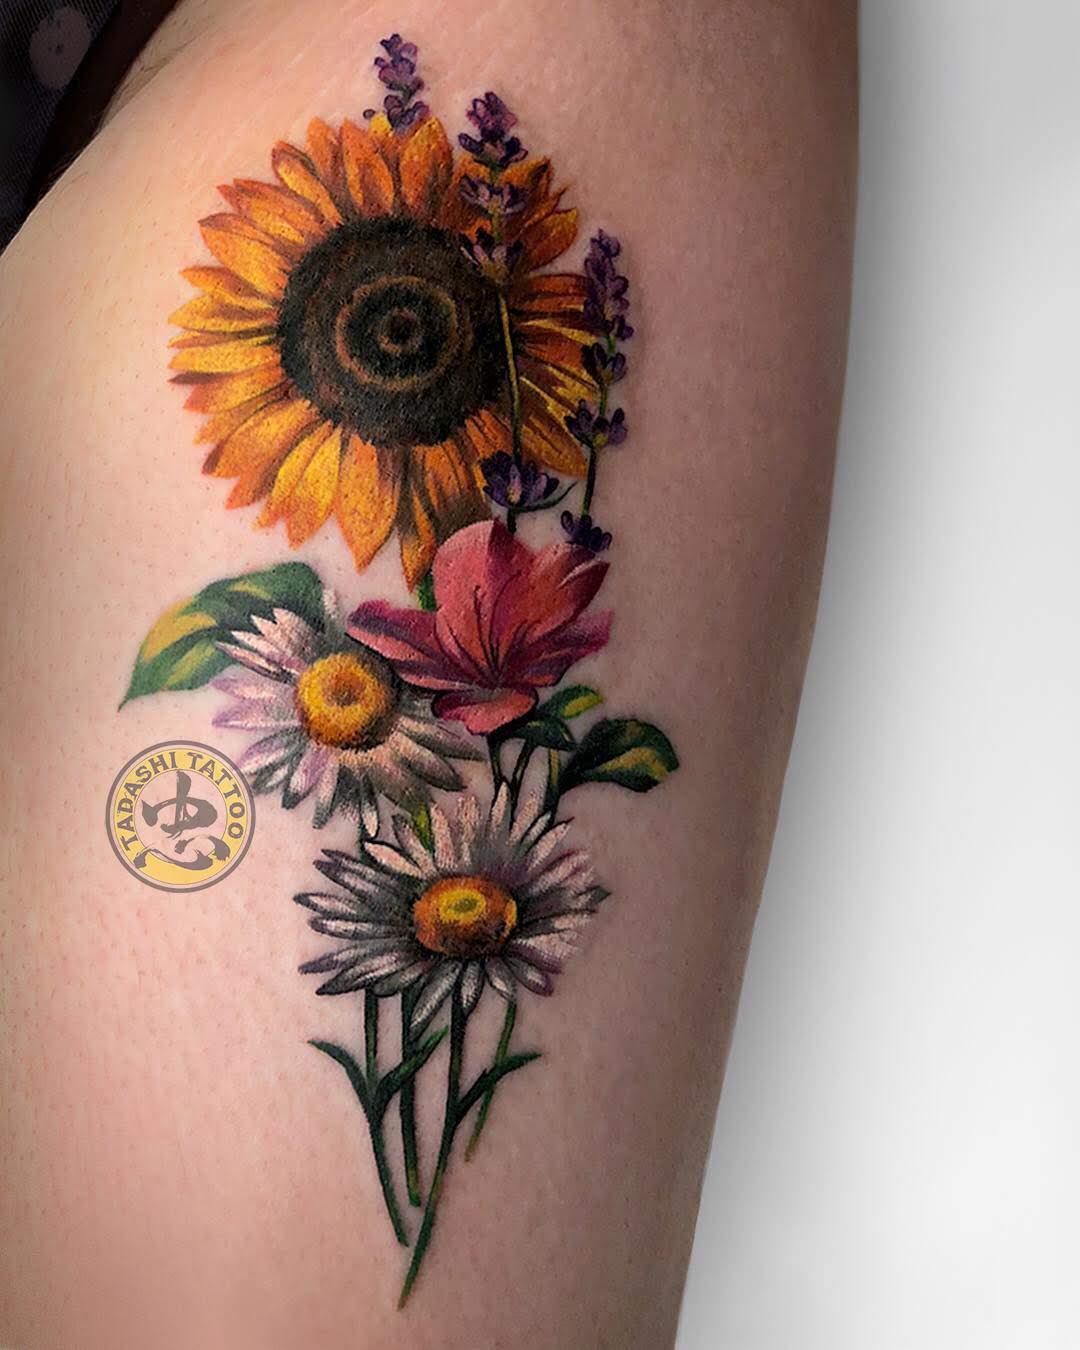 Hình xăm hoa hướng dương chính là một trong những hình xăm hợp tuổi 1987 nhất nếu xét theo tính cách của họ